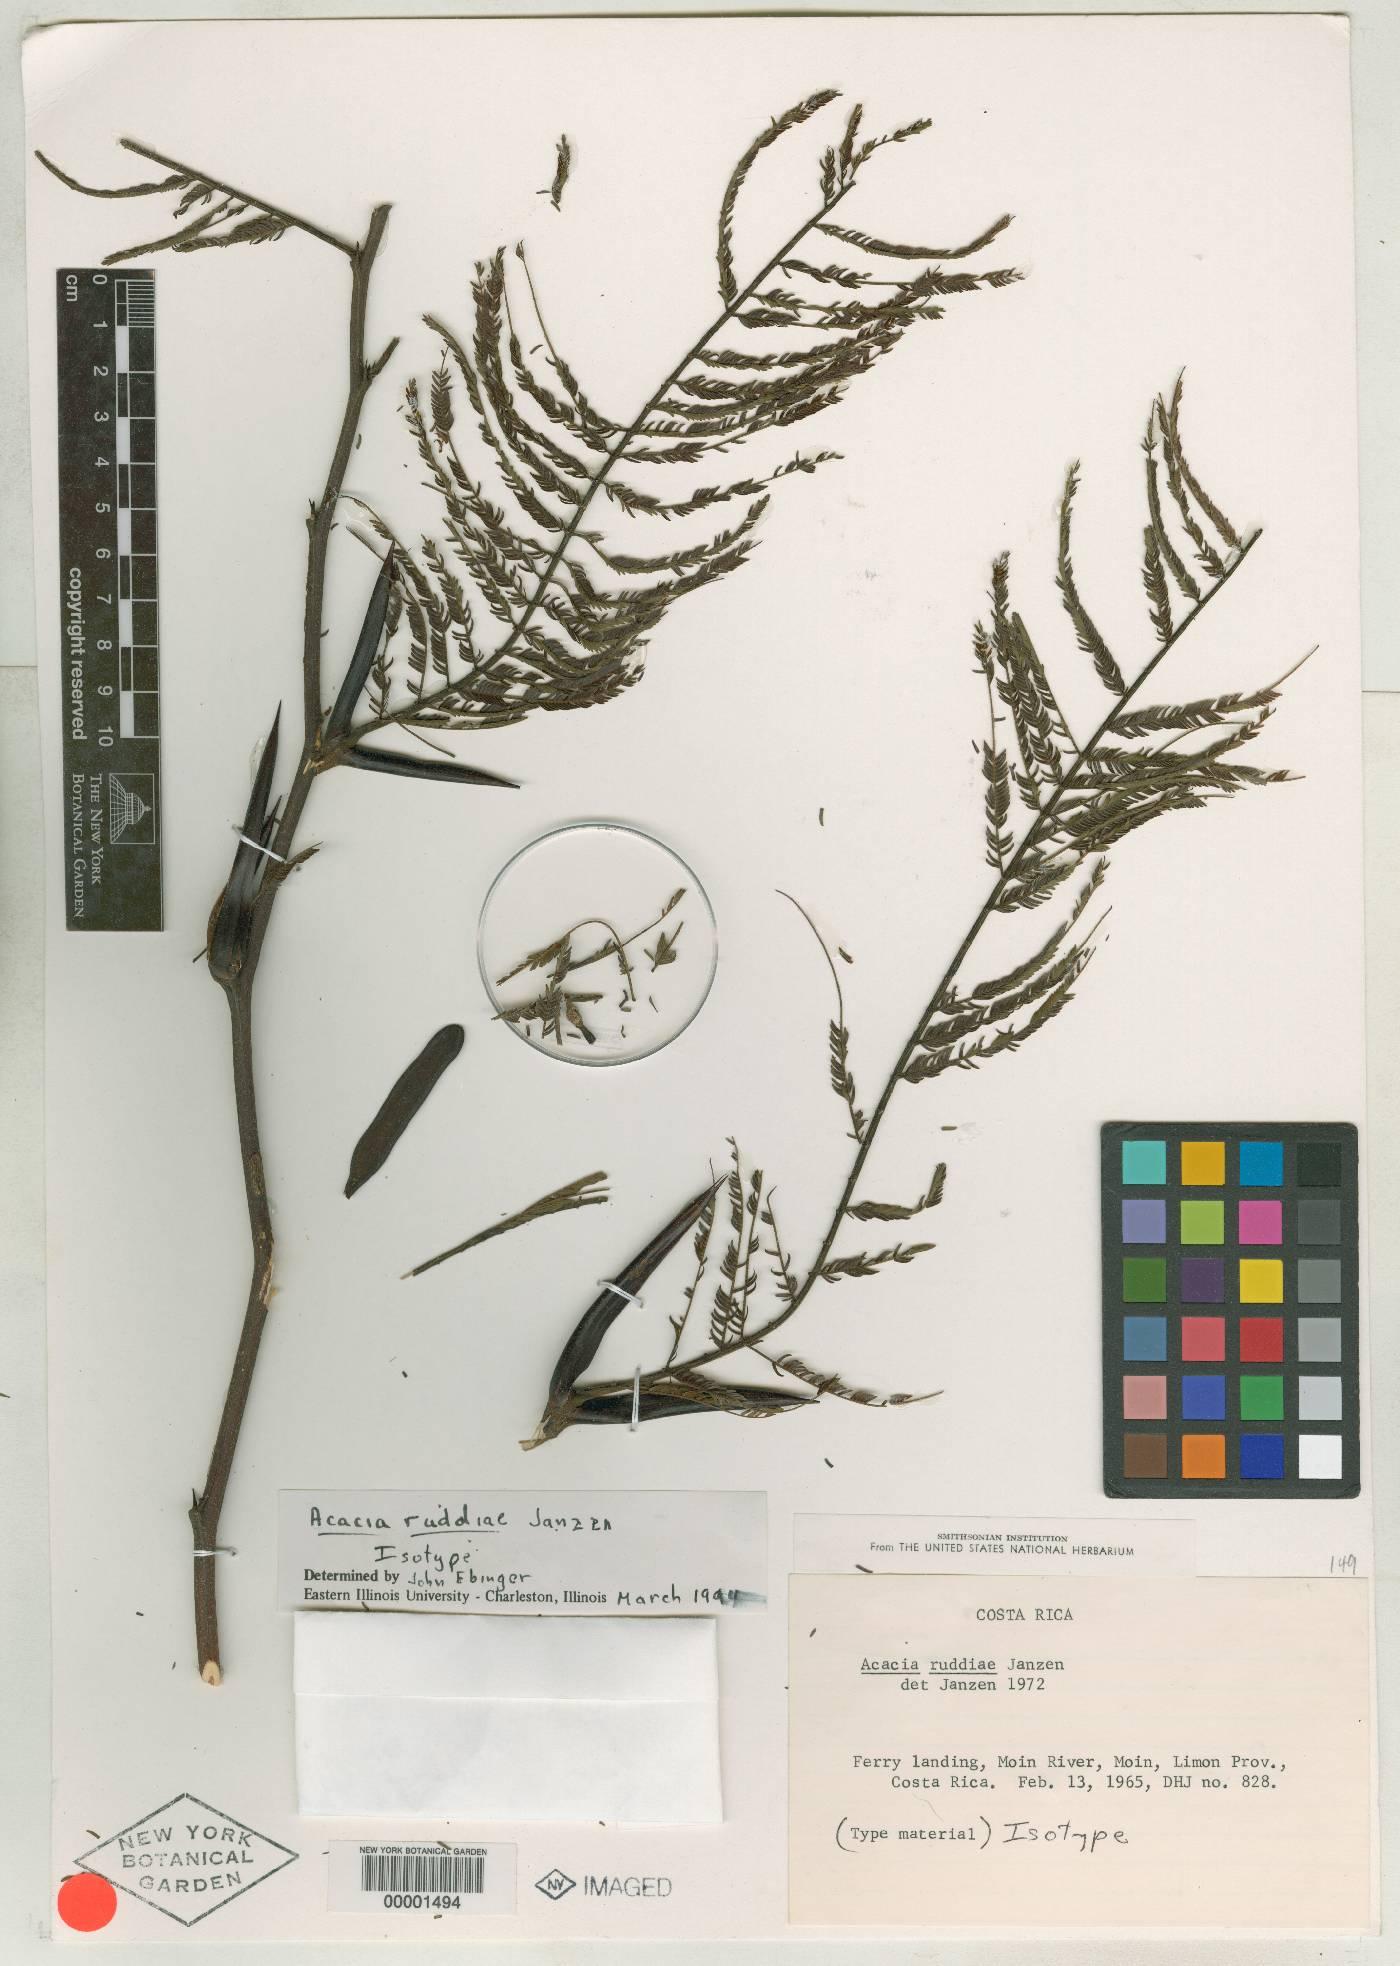 Acacia ruddiae image